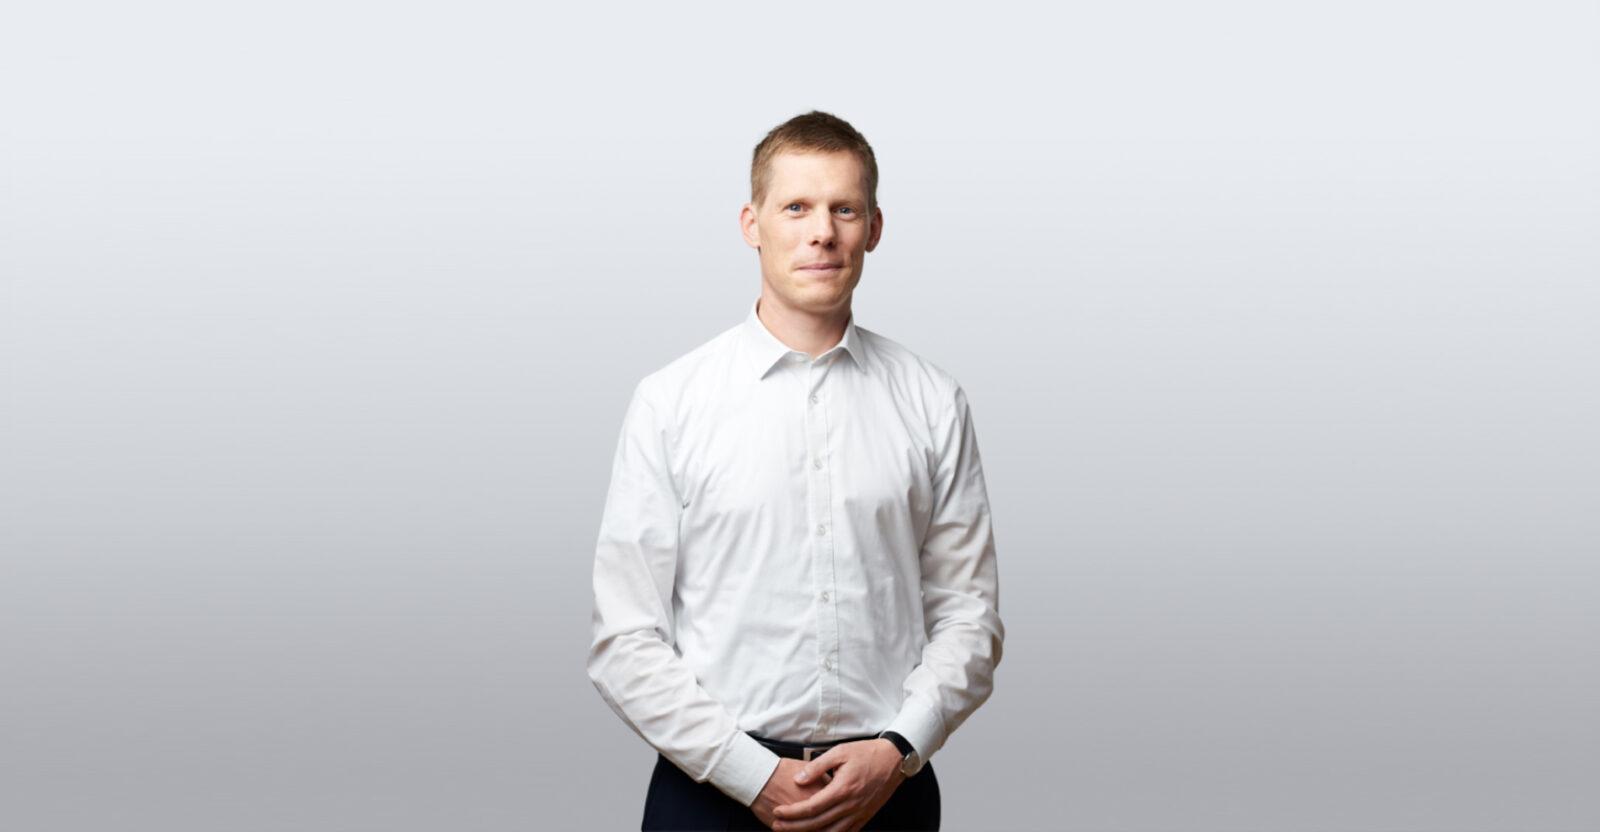 Michael Obernberger